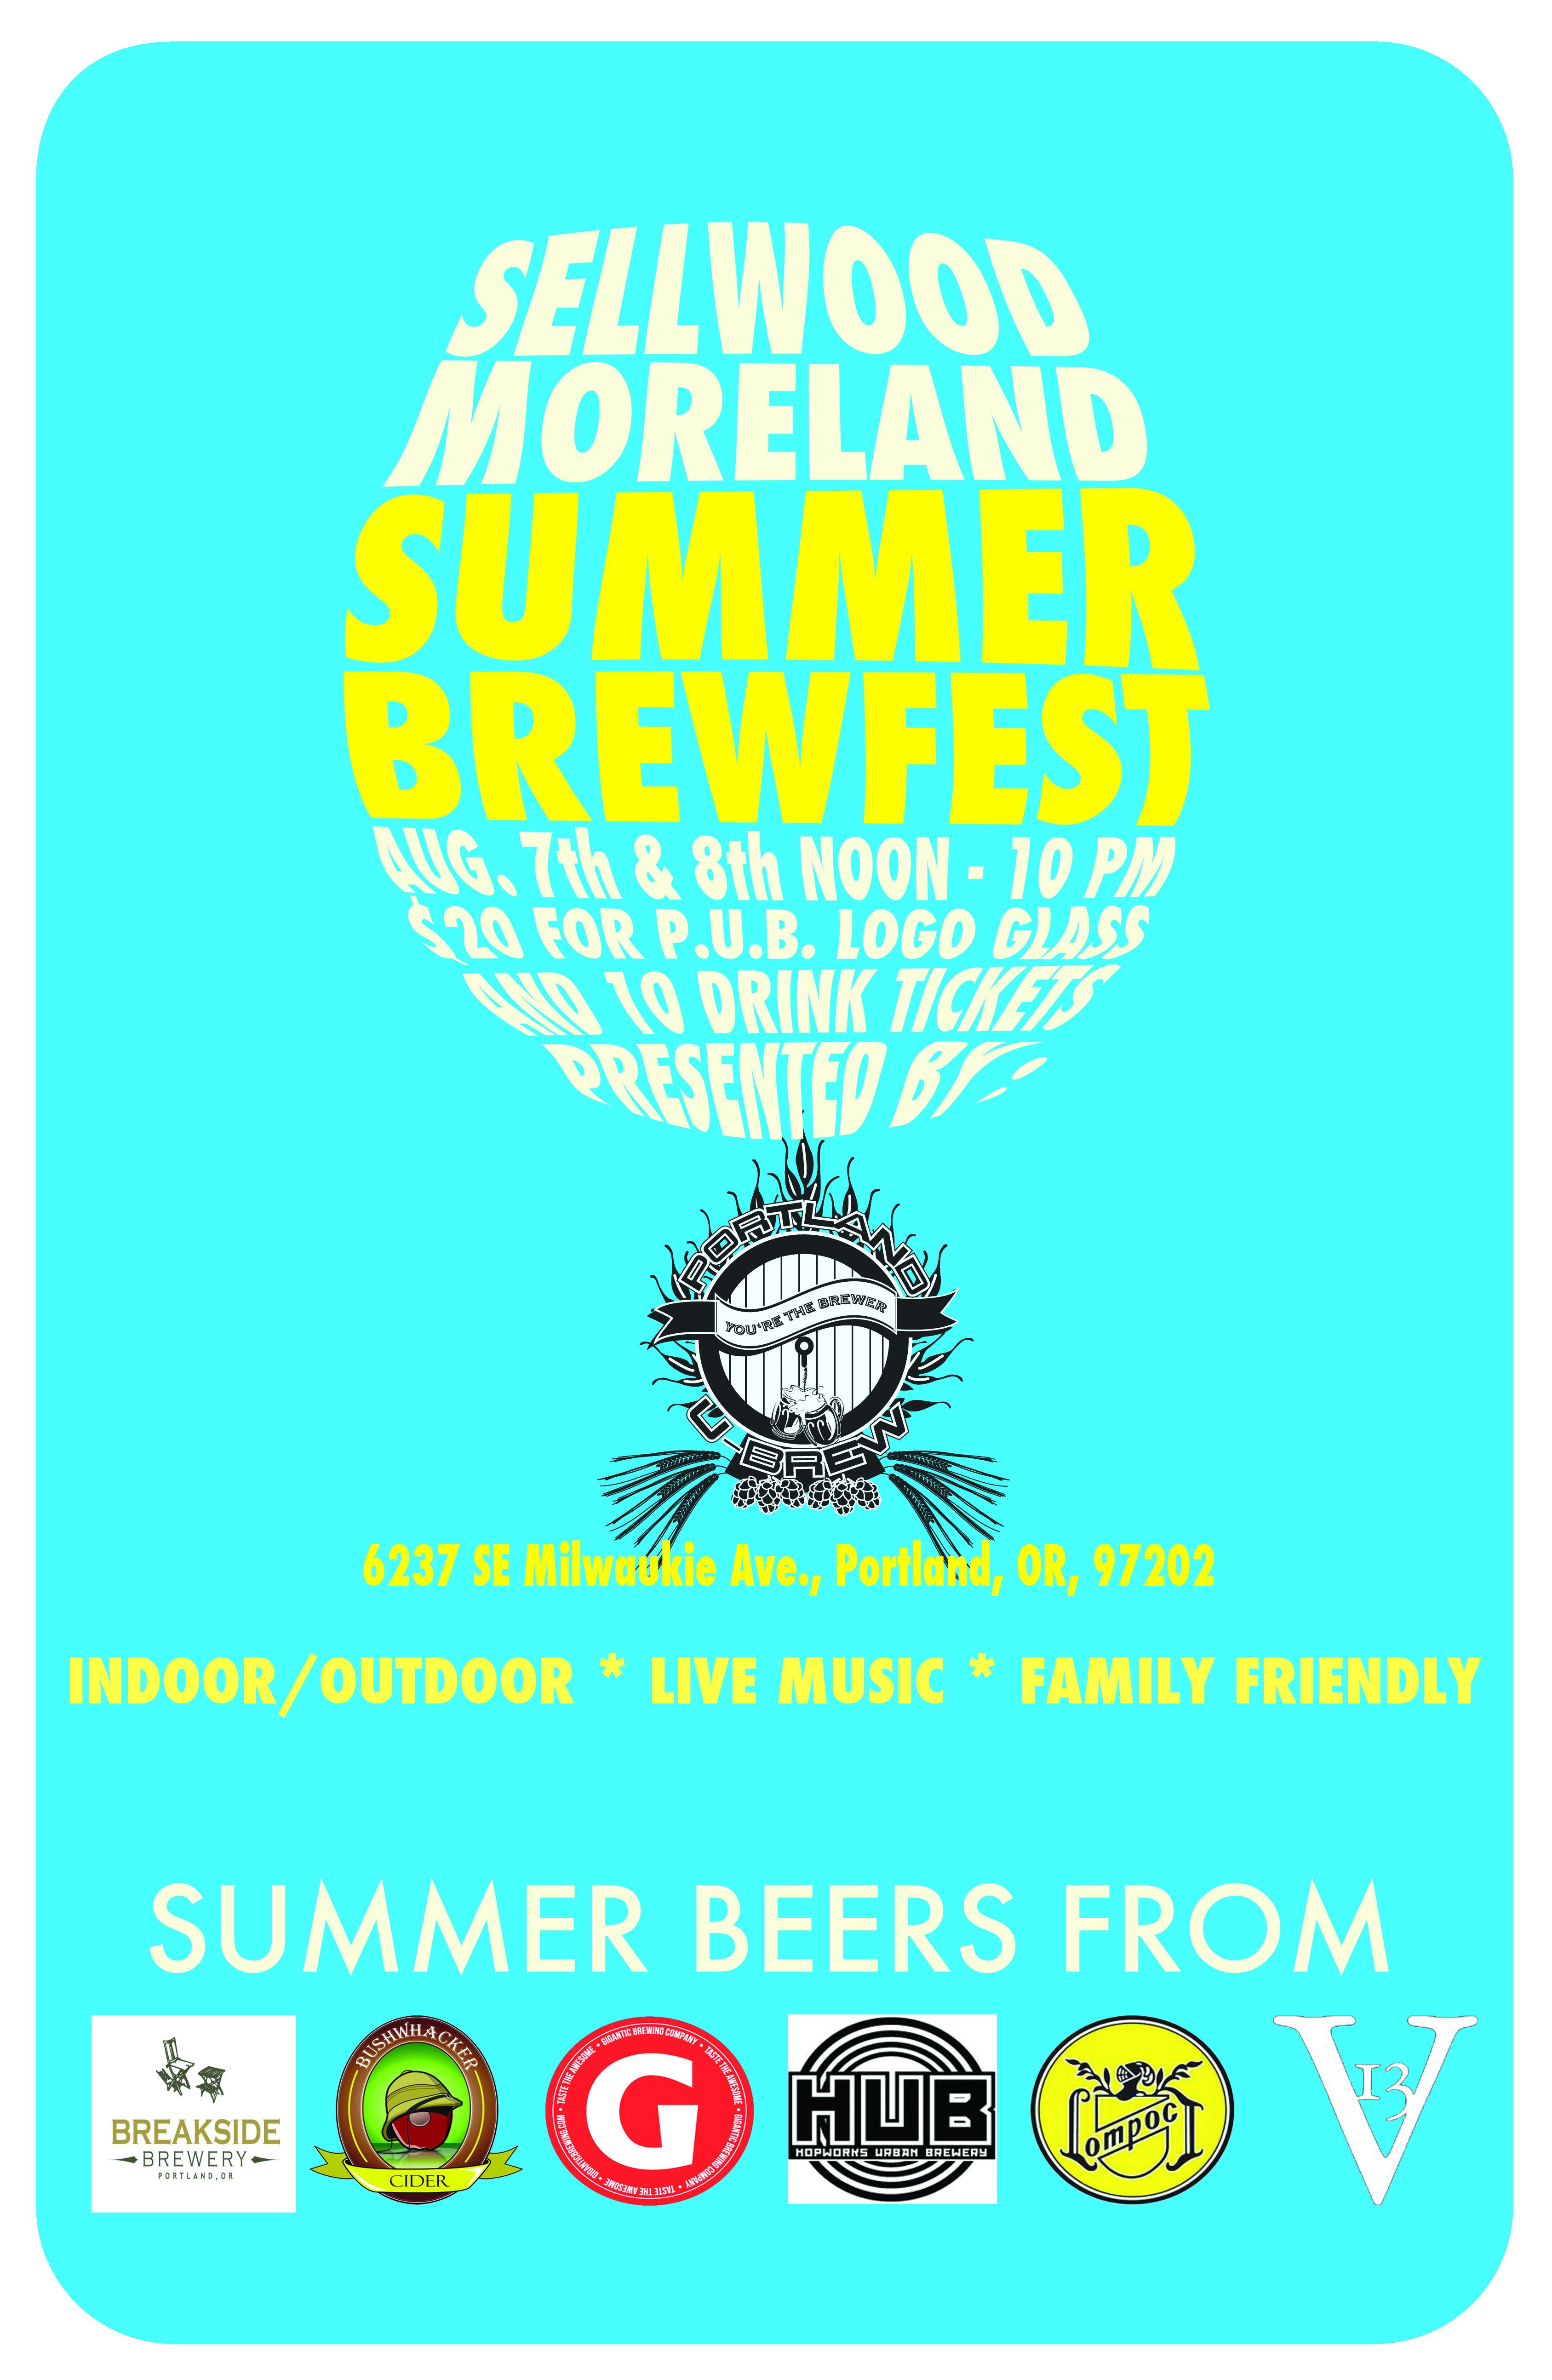 Sellwood Moreland Summer Brewfest at Portland U-Brew